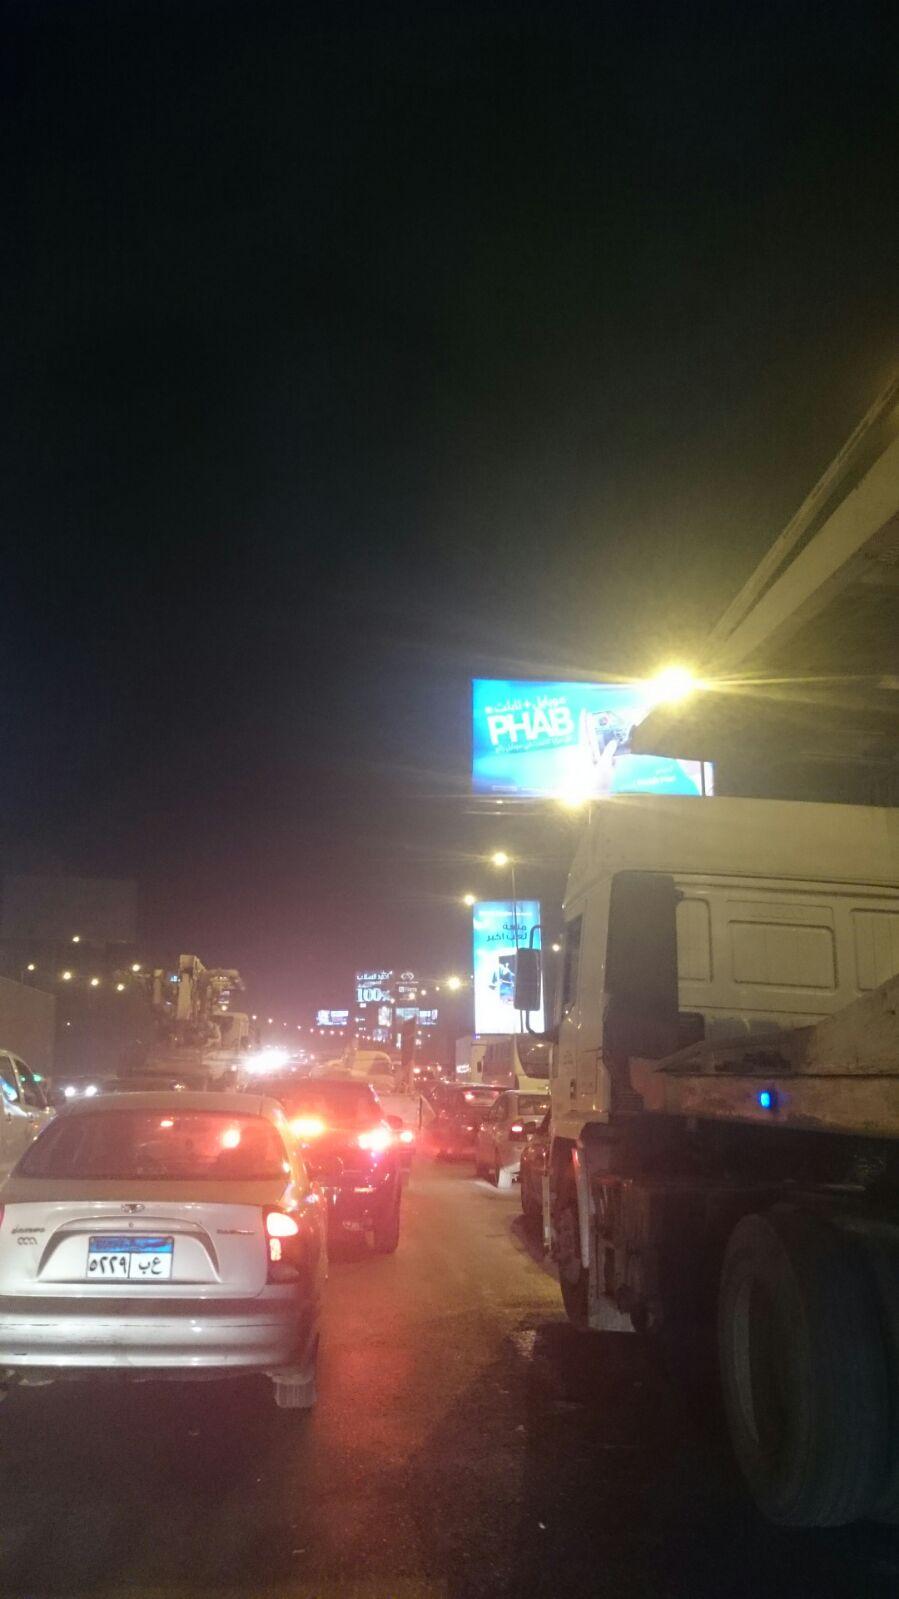 توقف الحركة عَ الدائري.. واختناق مروري تام بالقاهرة